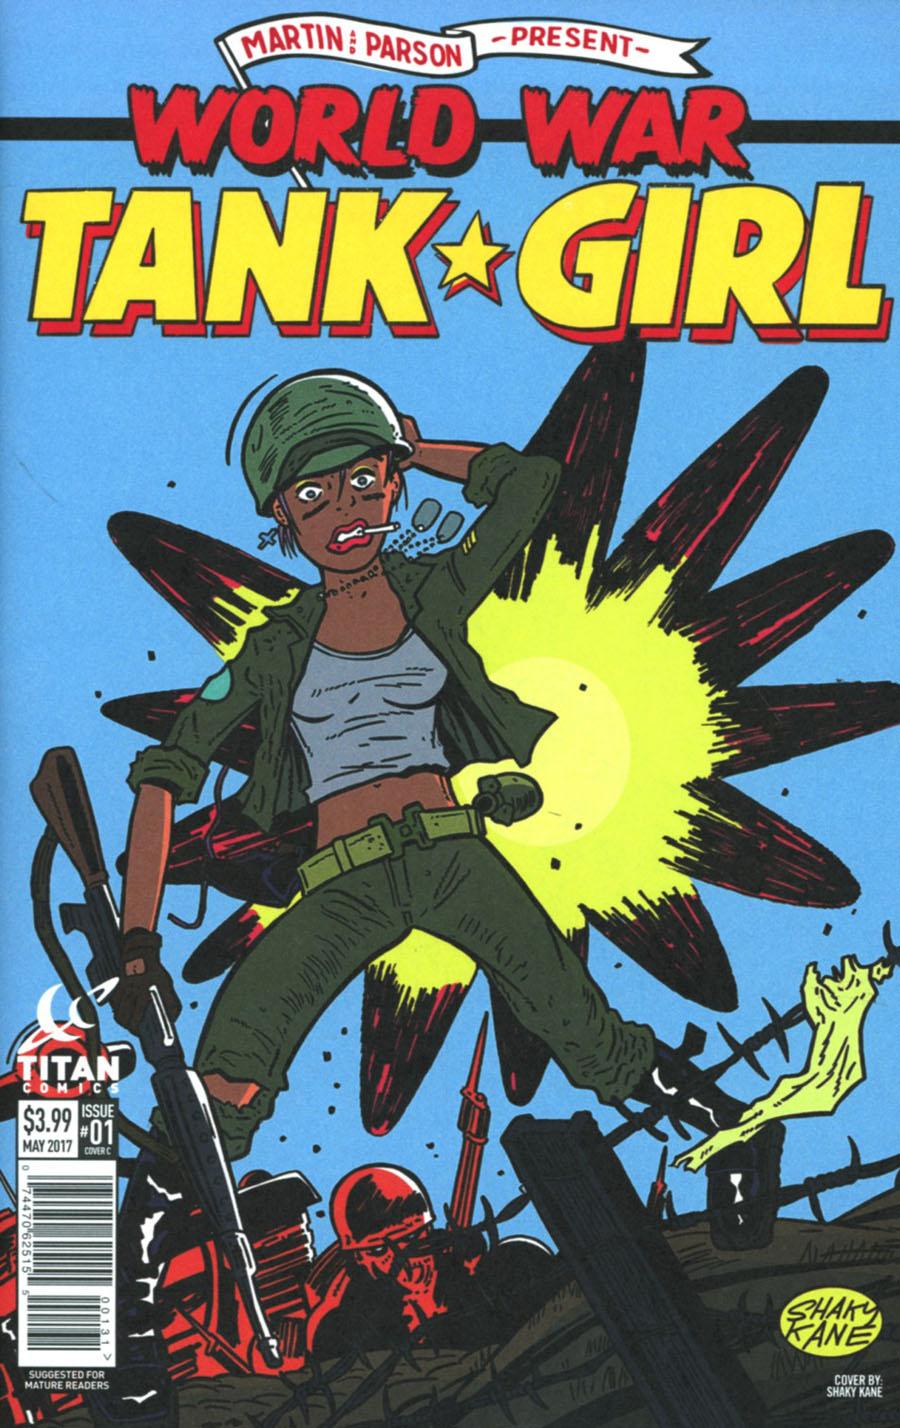 Tank Girl World War Tank Girl #1 Cover C Variant Shaky Kane Cover